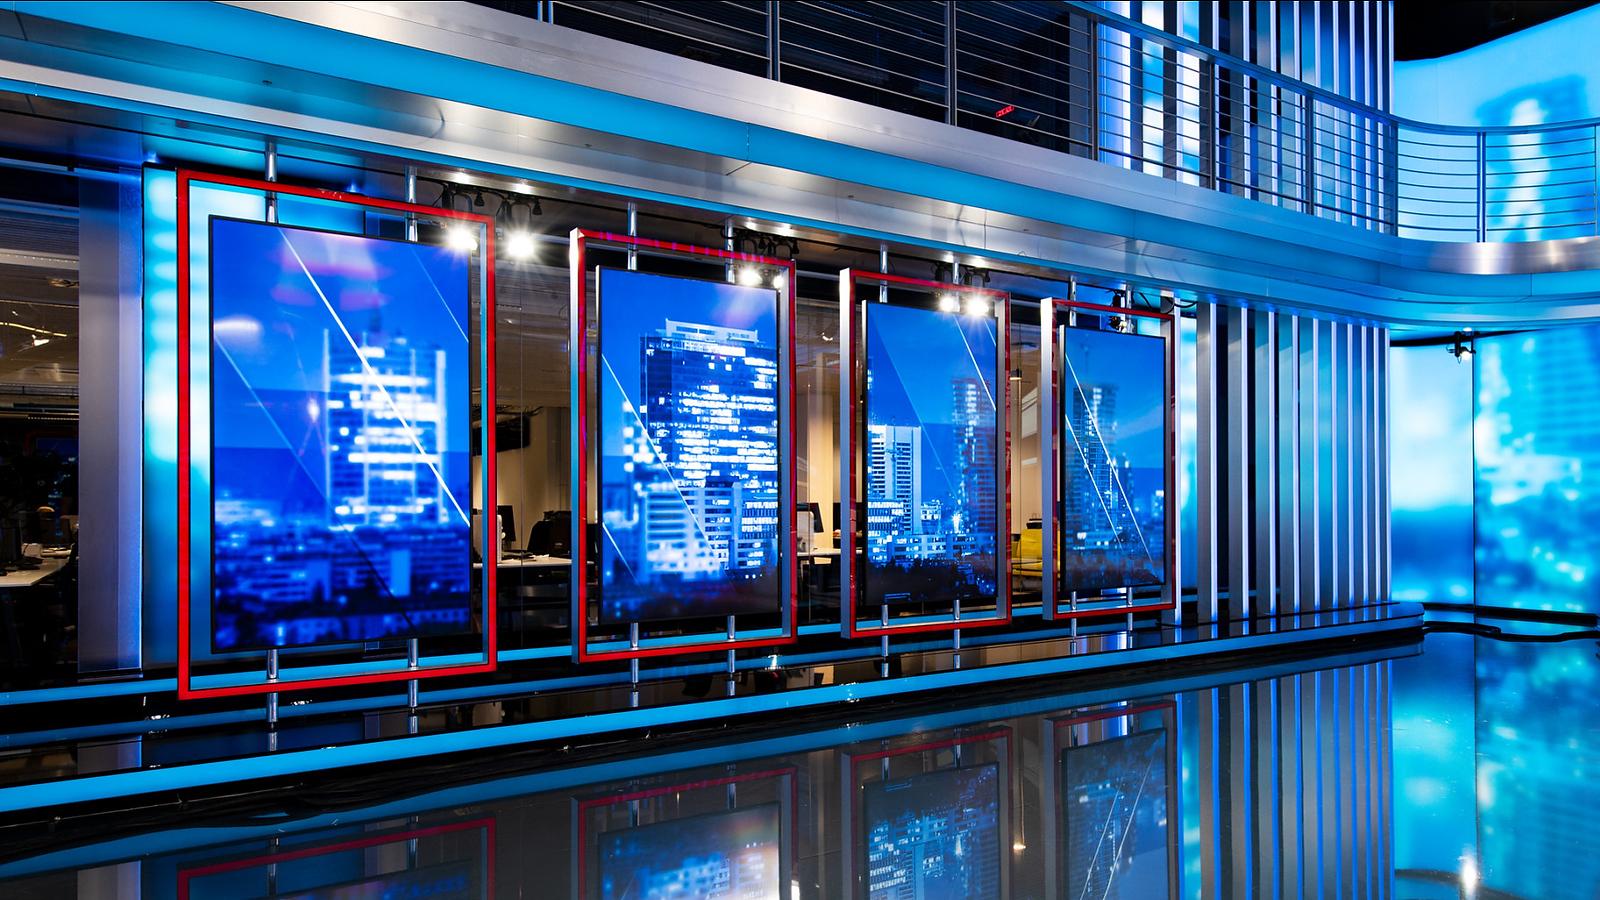 NCS_CNN-Prima-News-Broadcast-studio_04